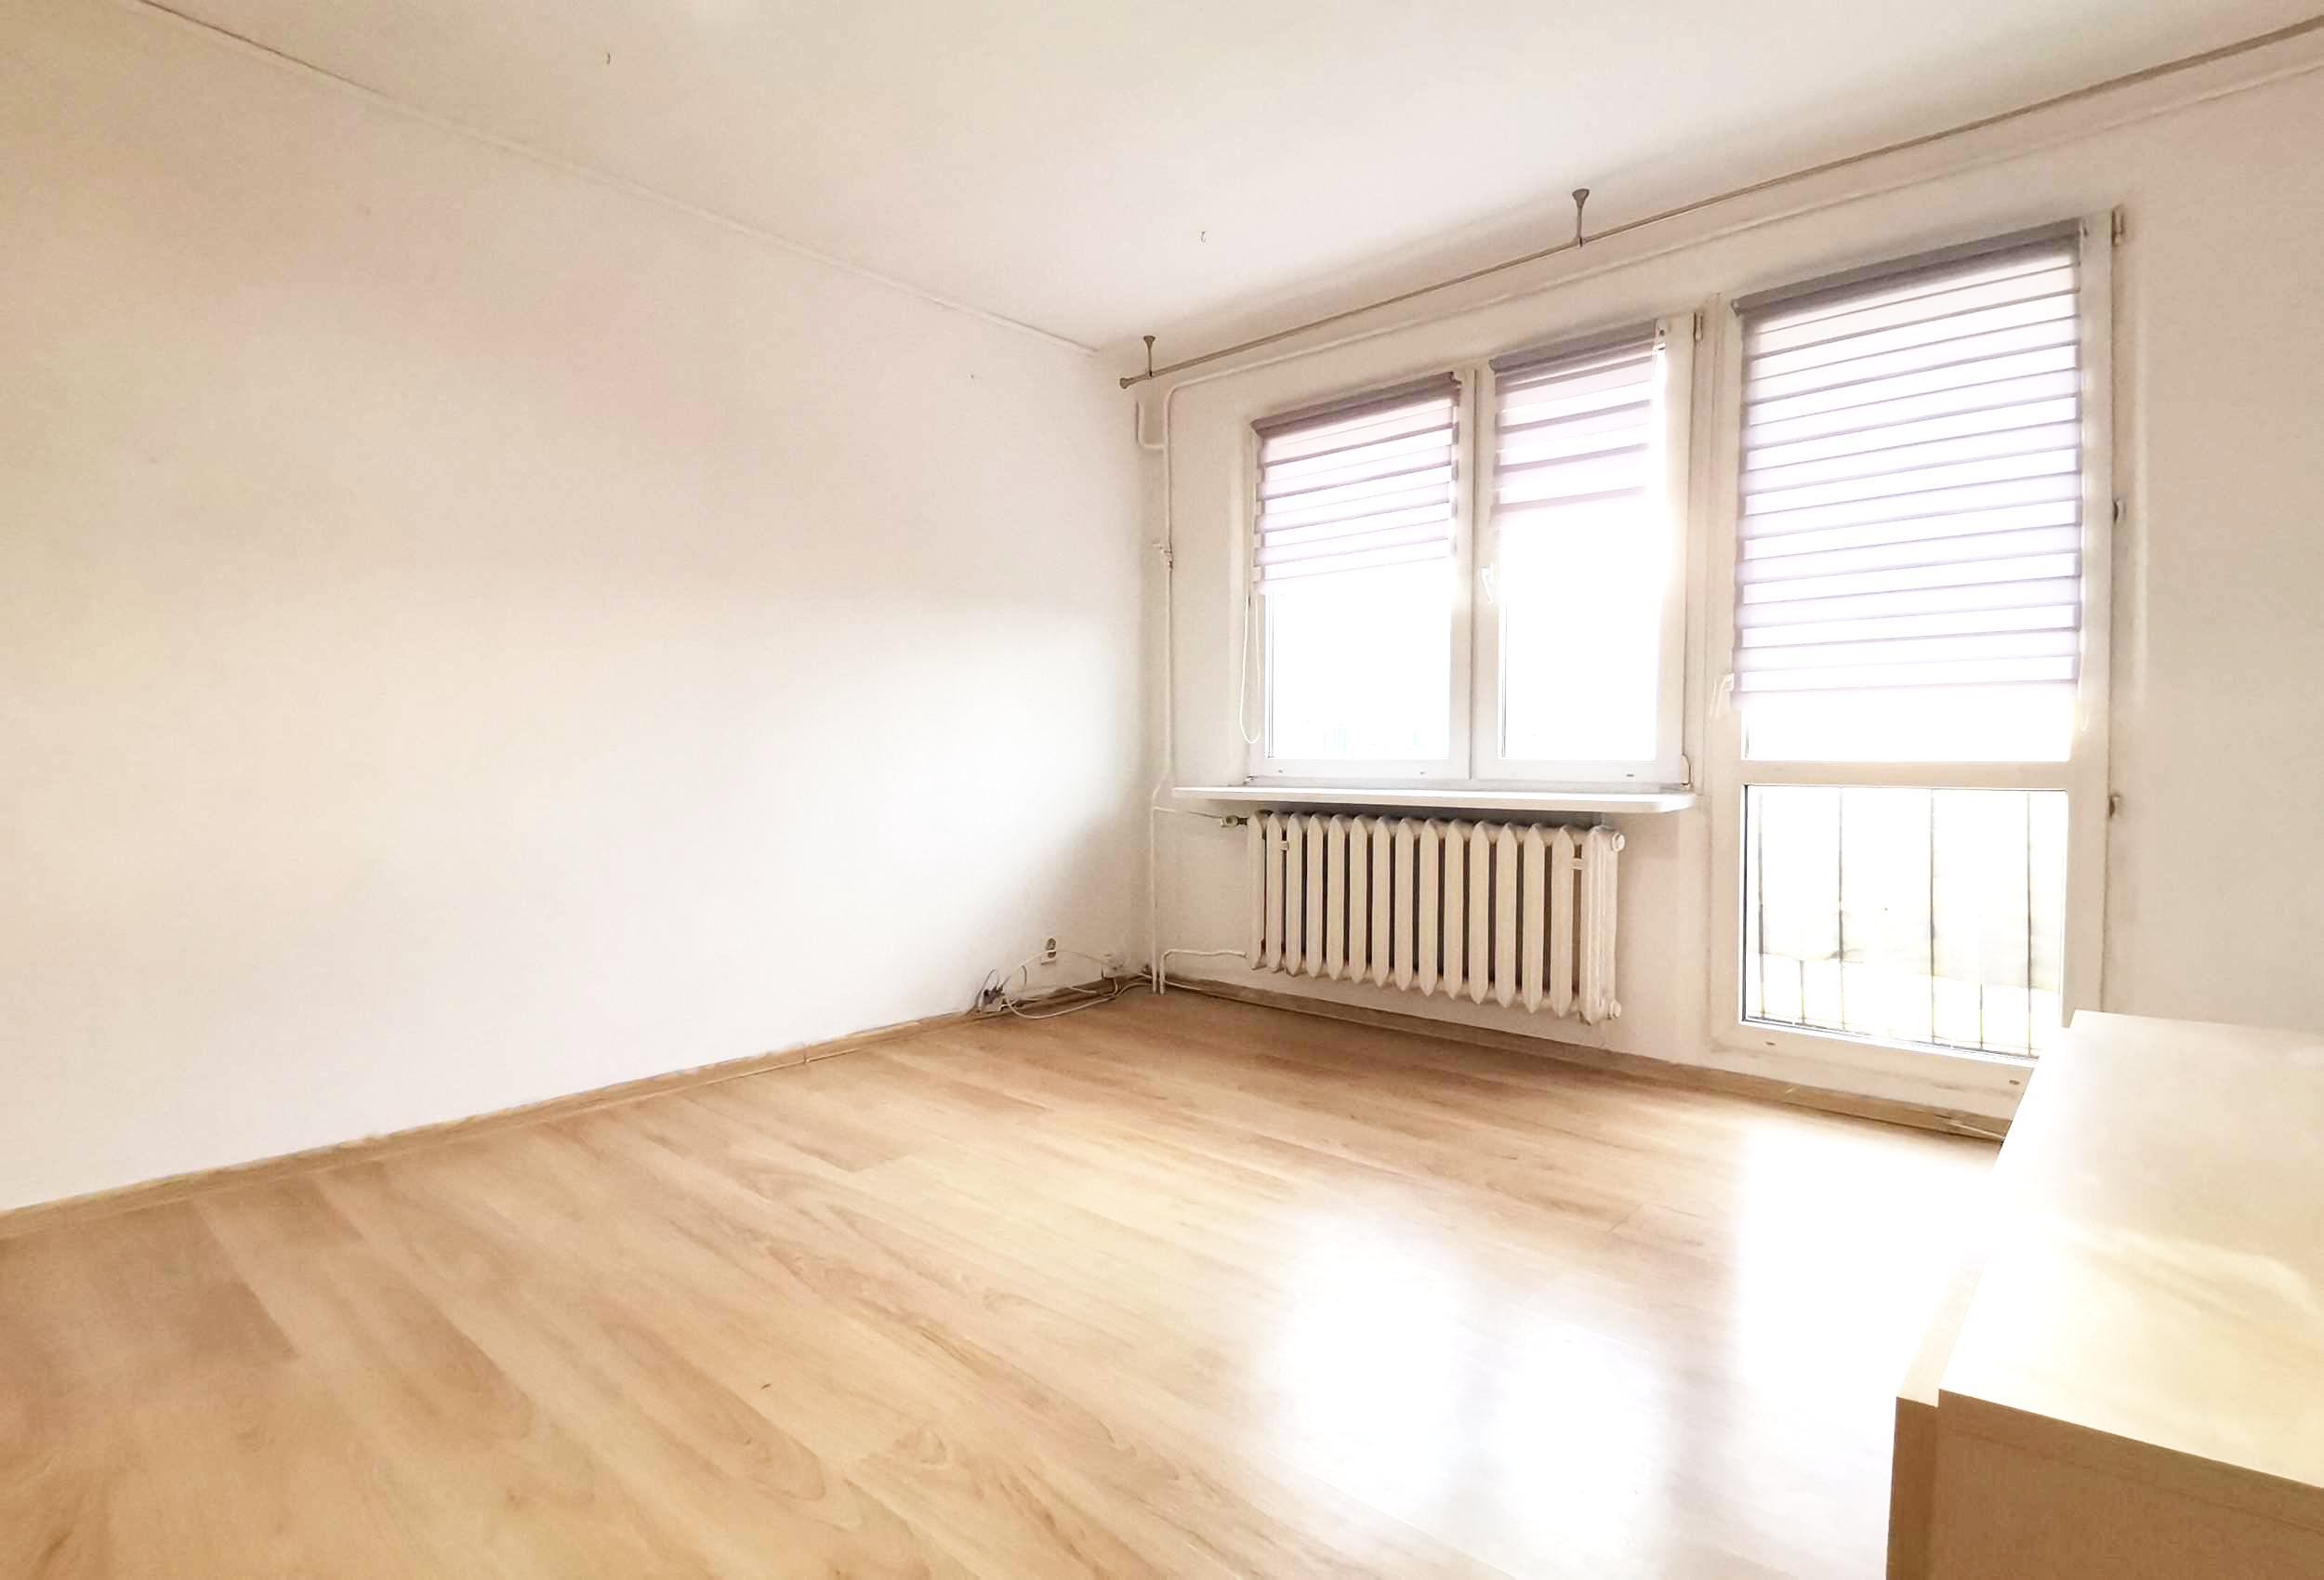 mieszlanie zamosc waska - mieszkanie na sprzedaż - Krzysztof Górski Nieruchomości Zamość